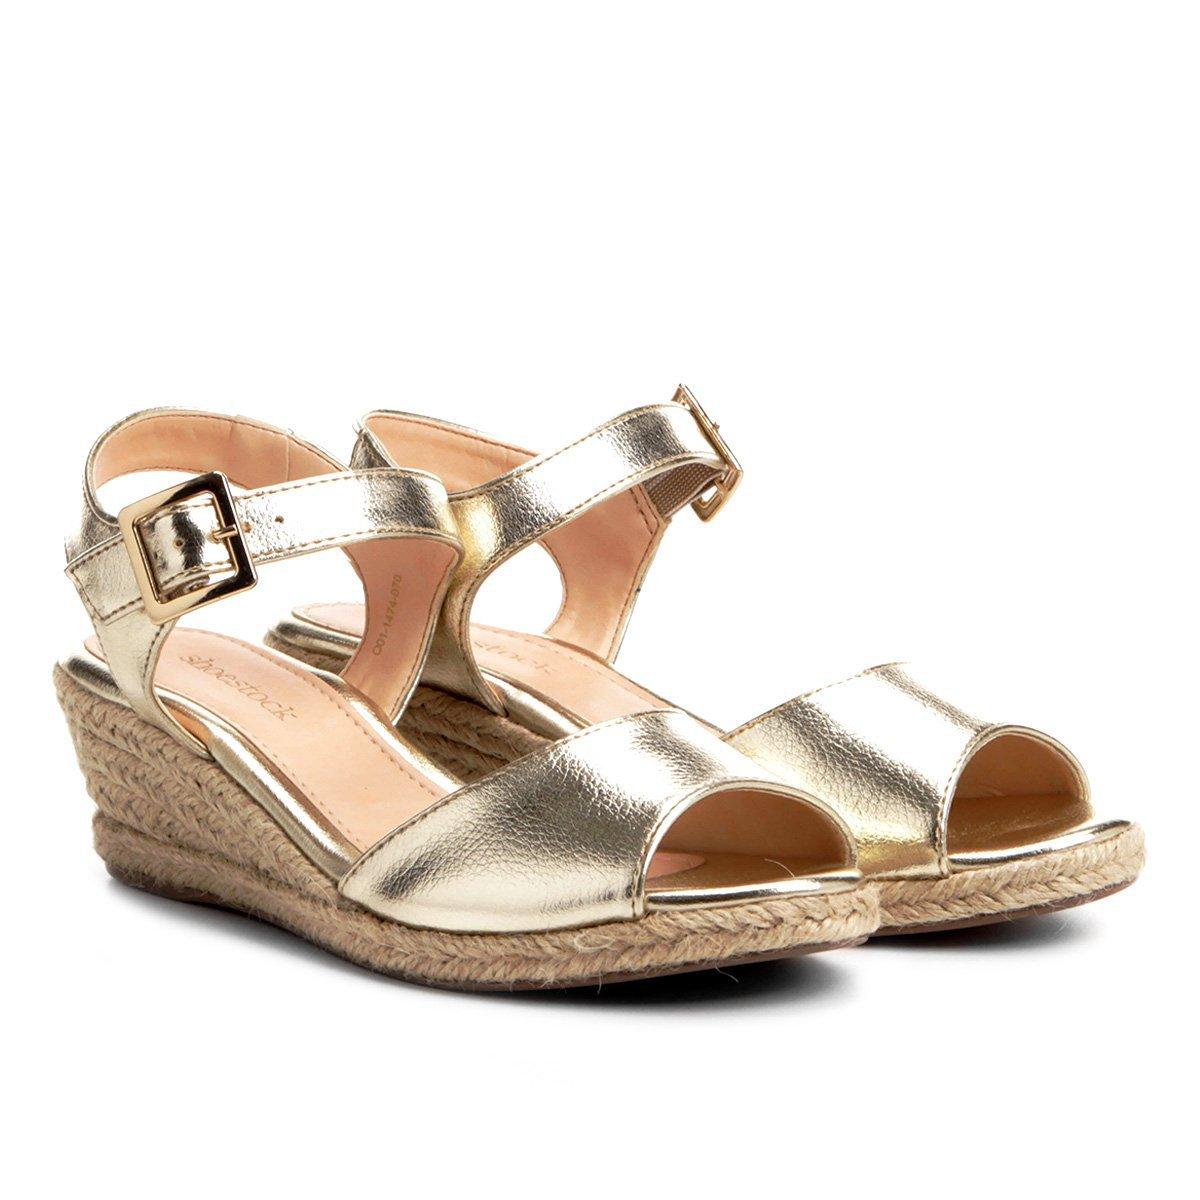 3f8769f77 Sandália Anabela Shoestock Salto Baixo Espadrille Feminina - Compre Agora